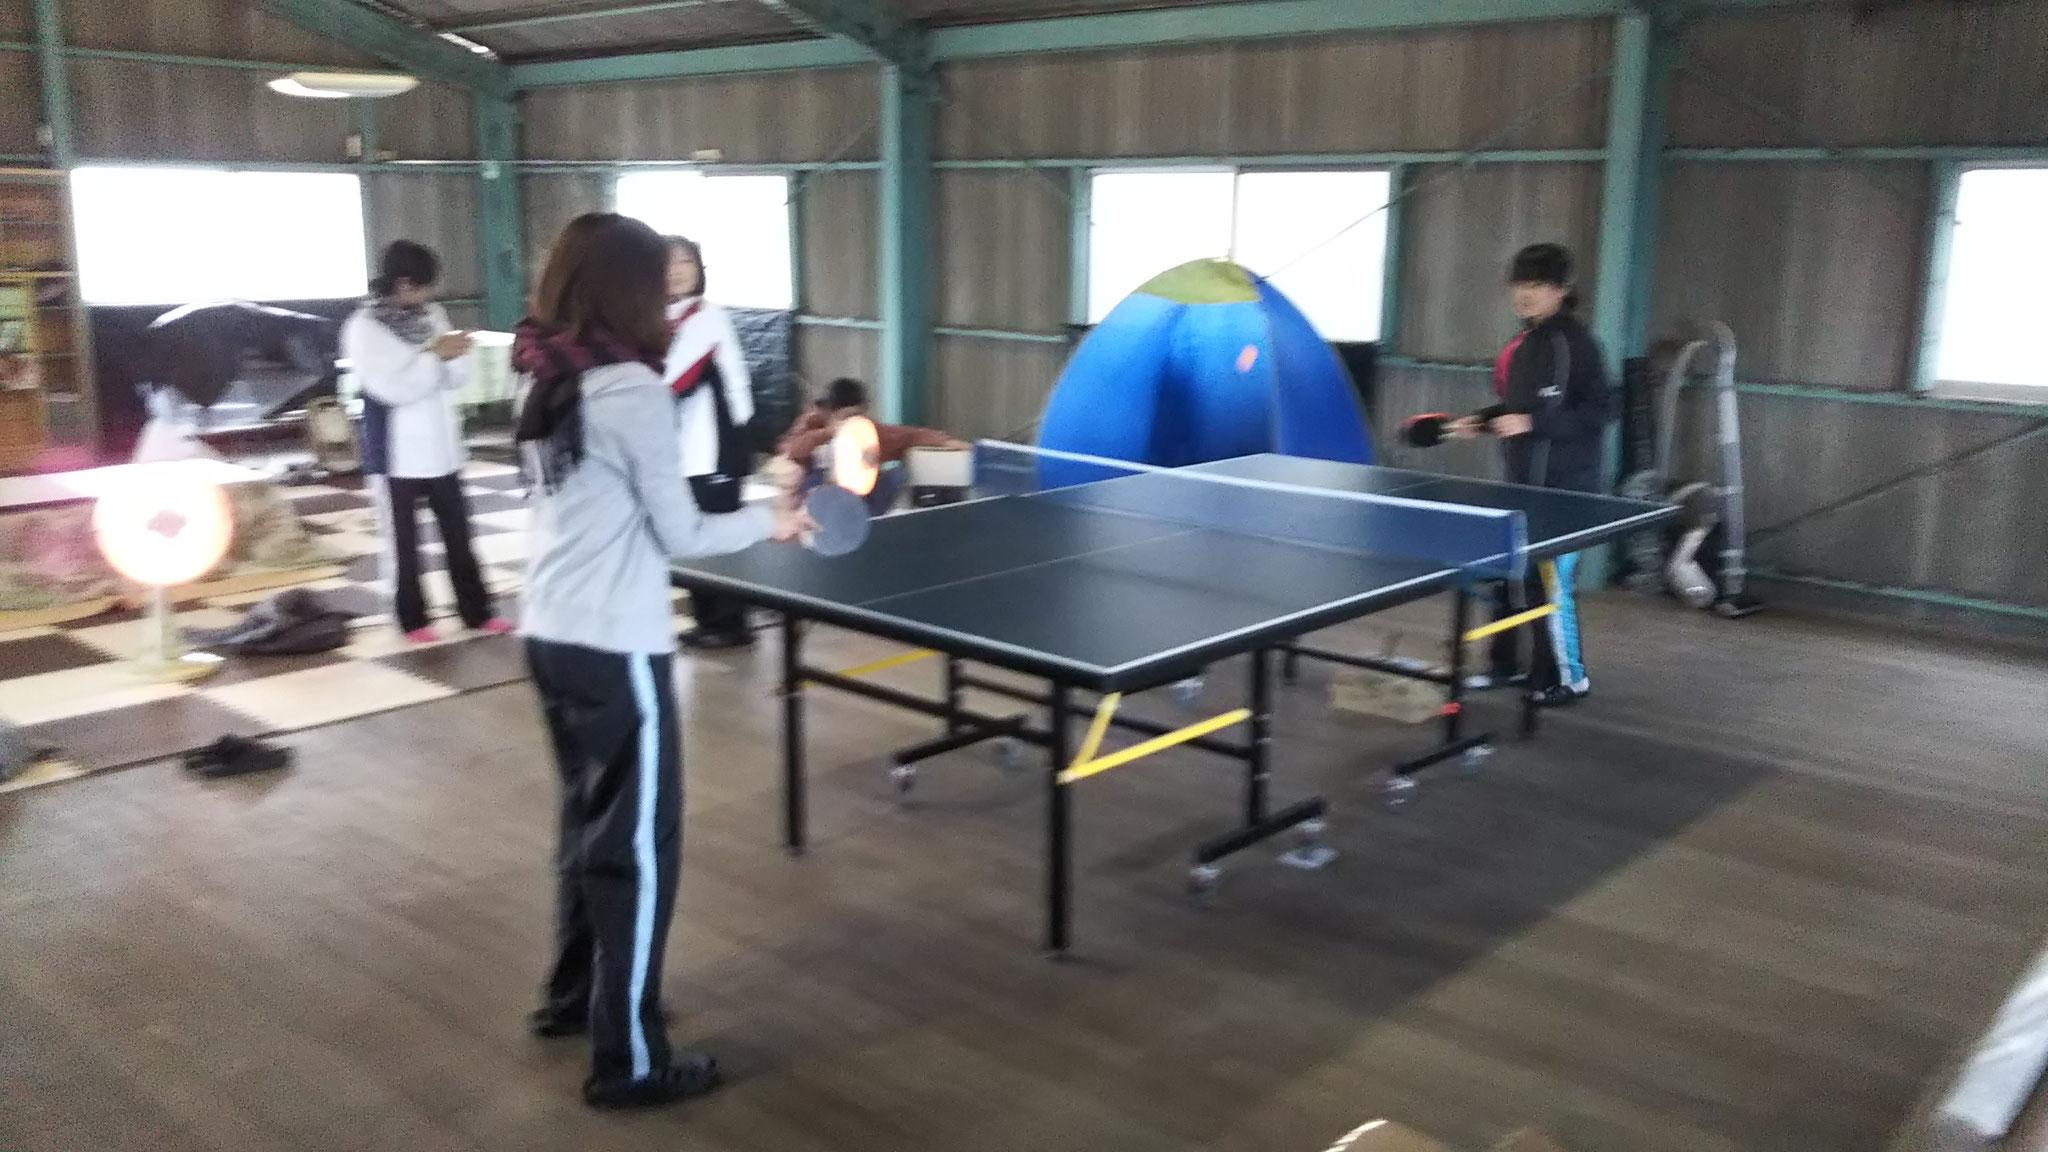 卓球教室(曜日調整中 クラブハウス)